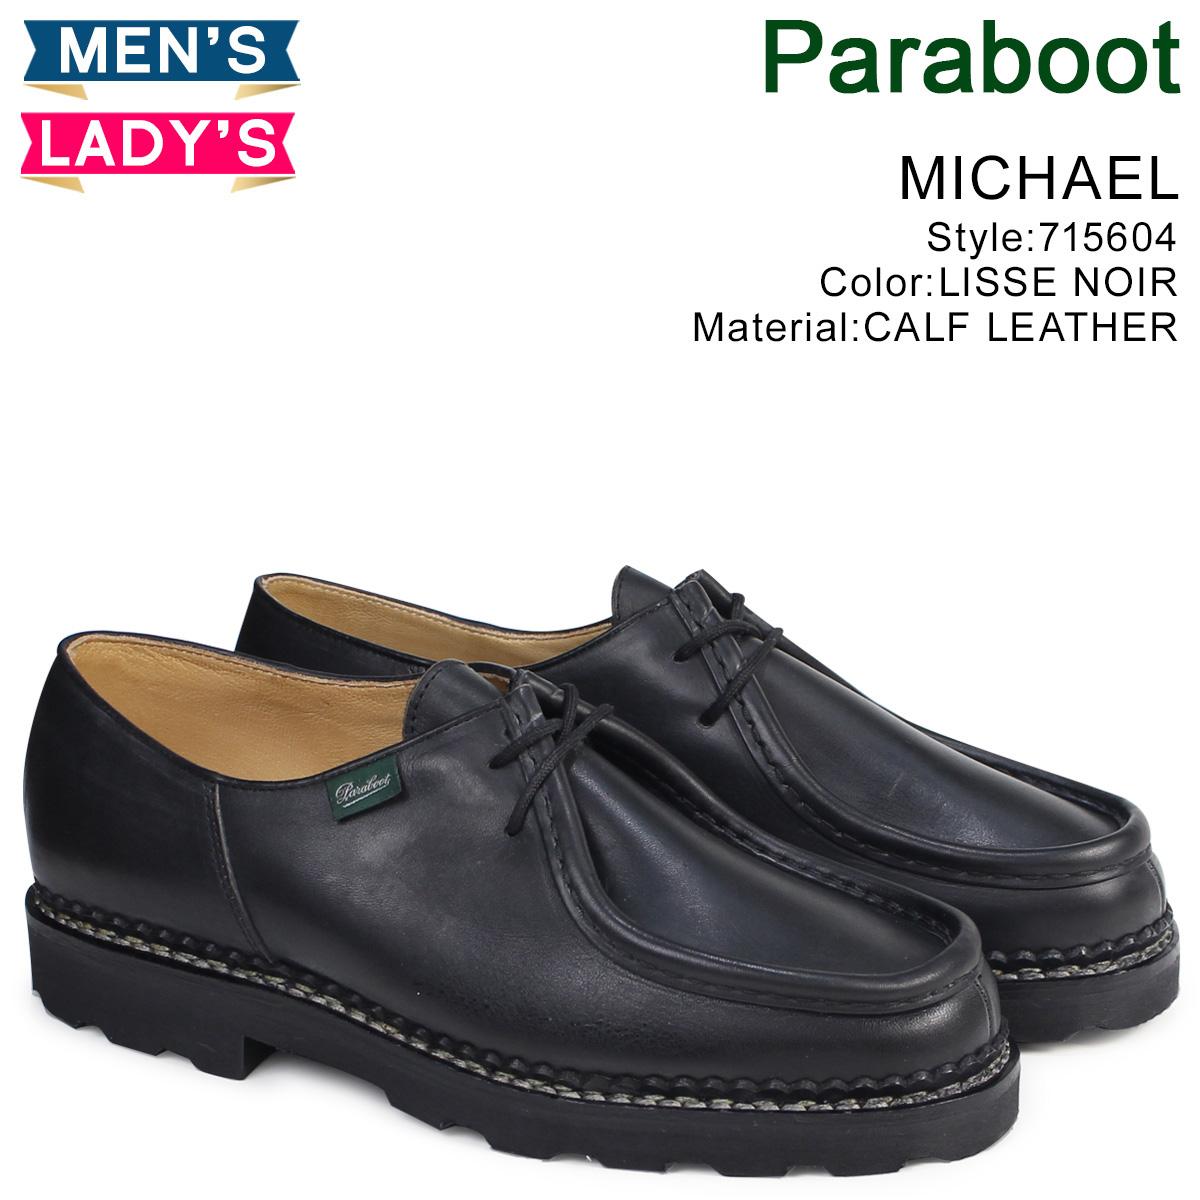 PARABOOT ミカエル パラブーツ MICHAEL シューズ チロリアンシューズ 715604 メンズ レディース 靴 ブラック [予約商品 4/9頃入荷予定 追加入荷]